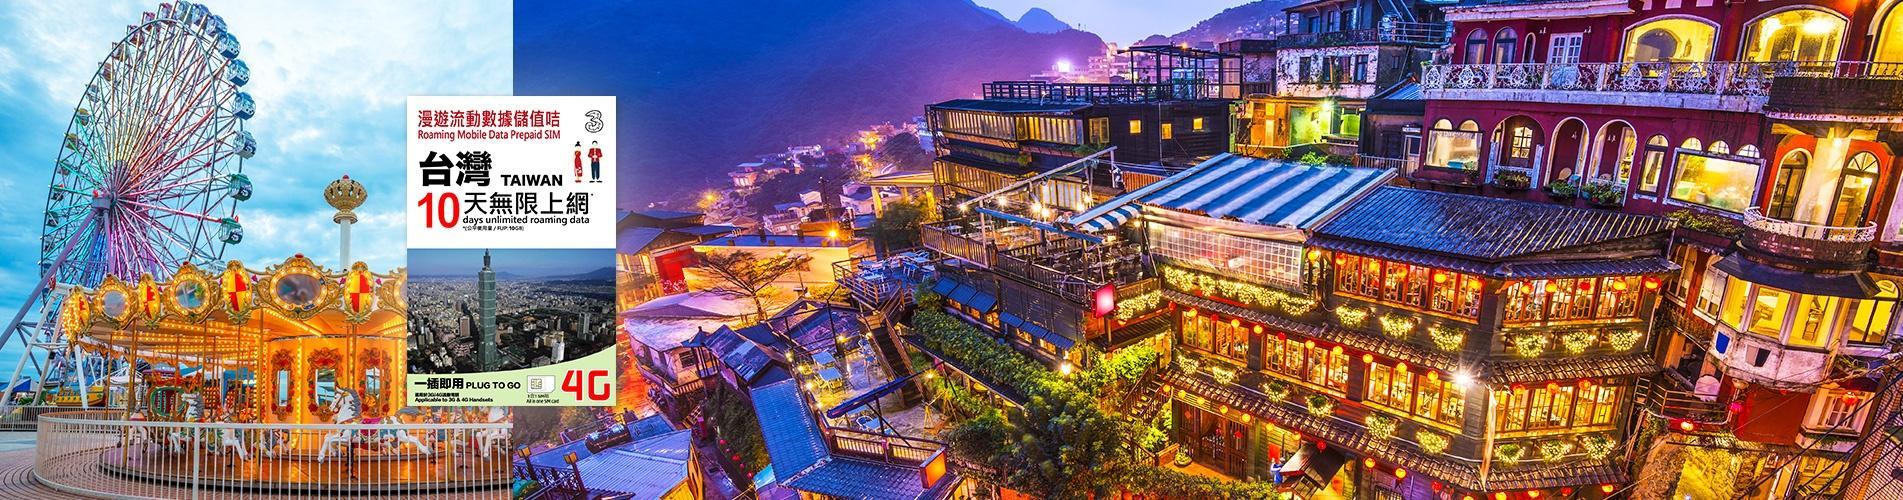 台灣電話卡 - 3HK 台灣4G/3G 10天無限流量數據上網卡